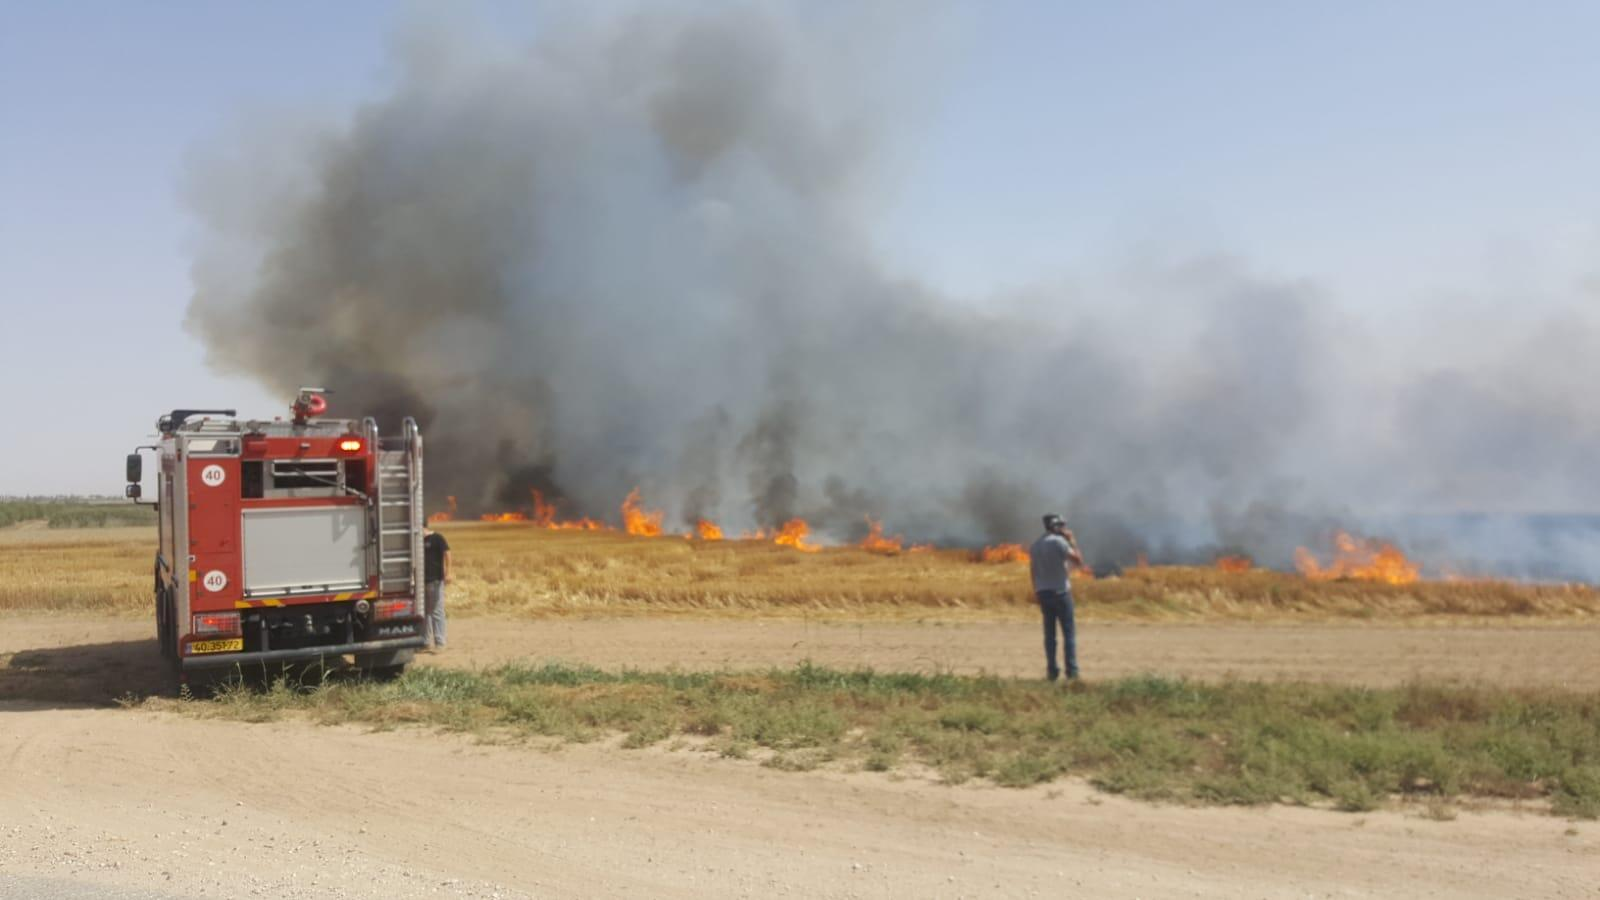 Para combater os incêndios, foram criados postos temporários de bombeiros em diversas comunidades na fronteira de Israel com a Faixa de Gaza.